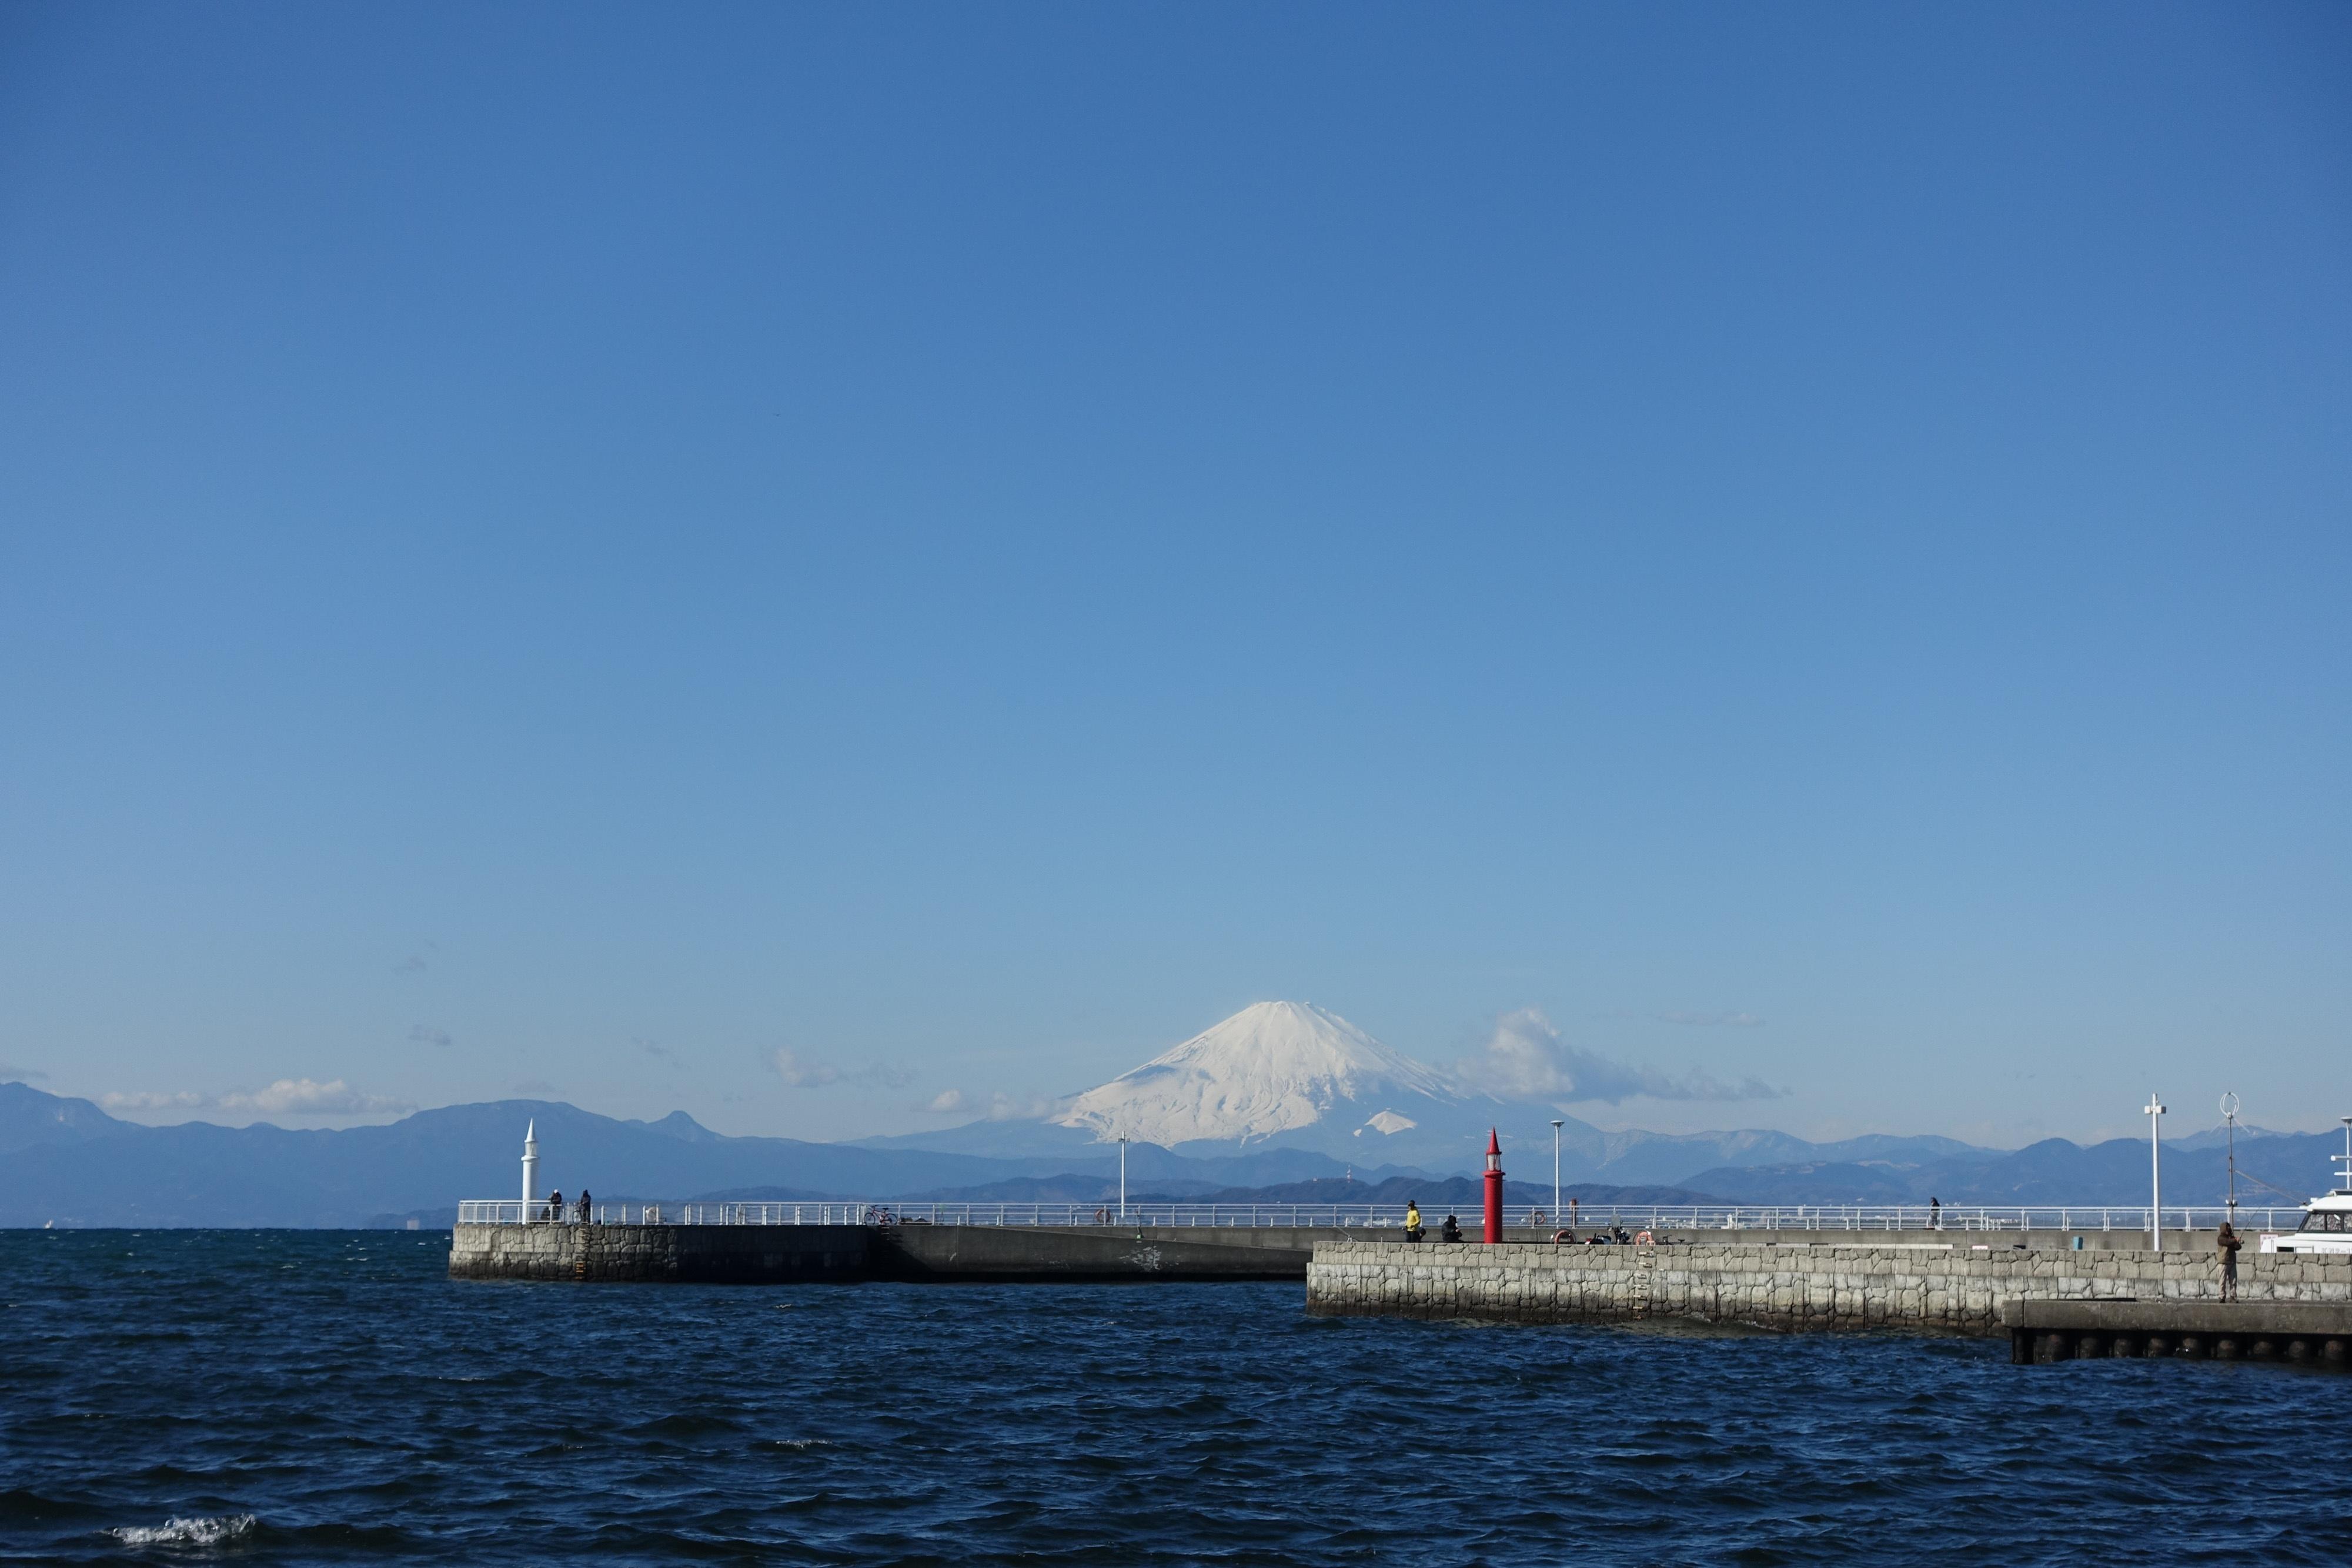 中国船只在冲之鸟礁附近科考 美媒:或是回应日本南海政策